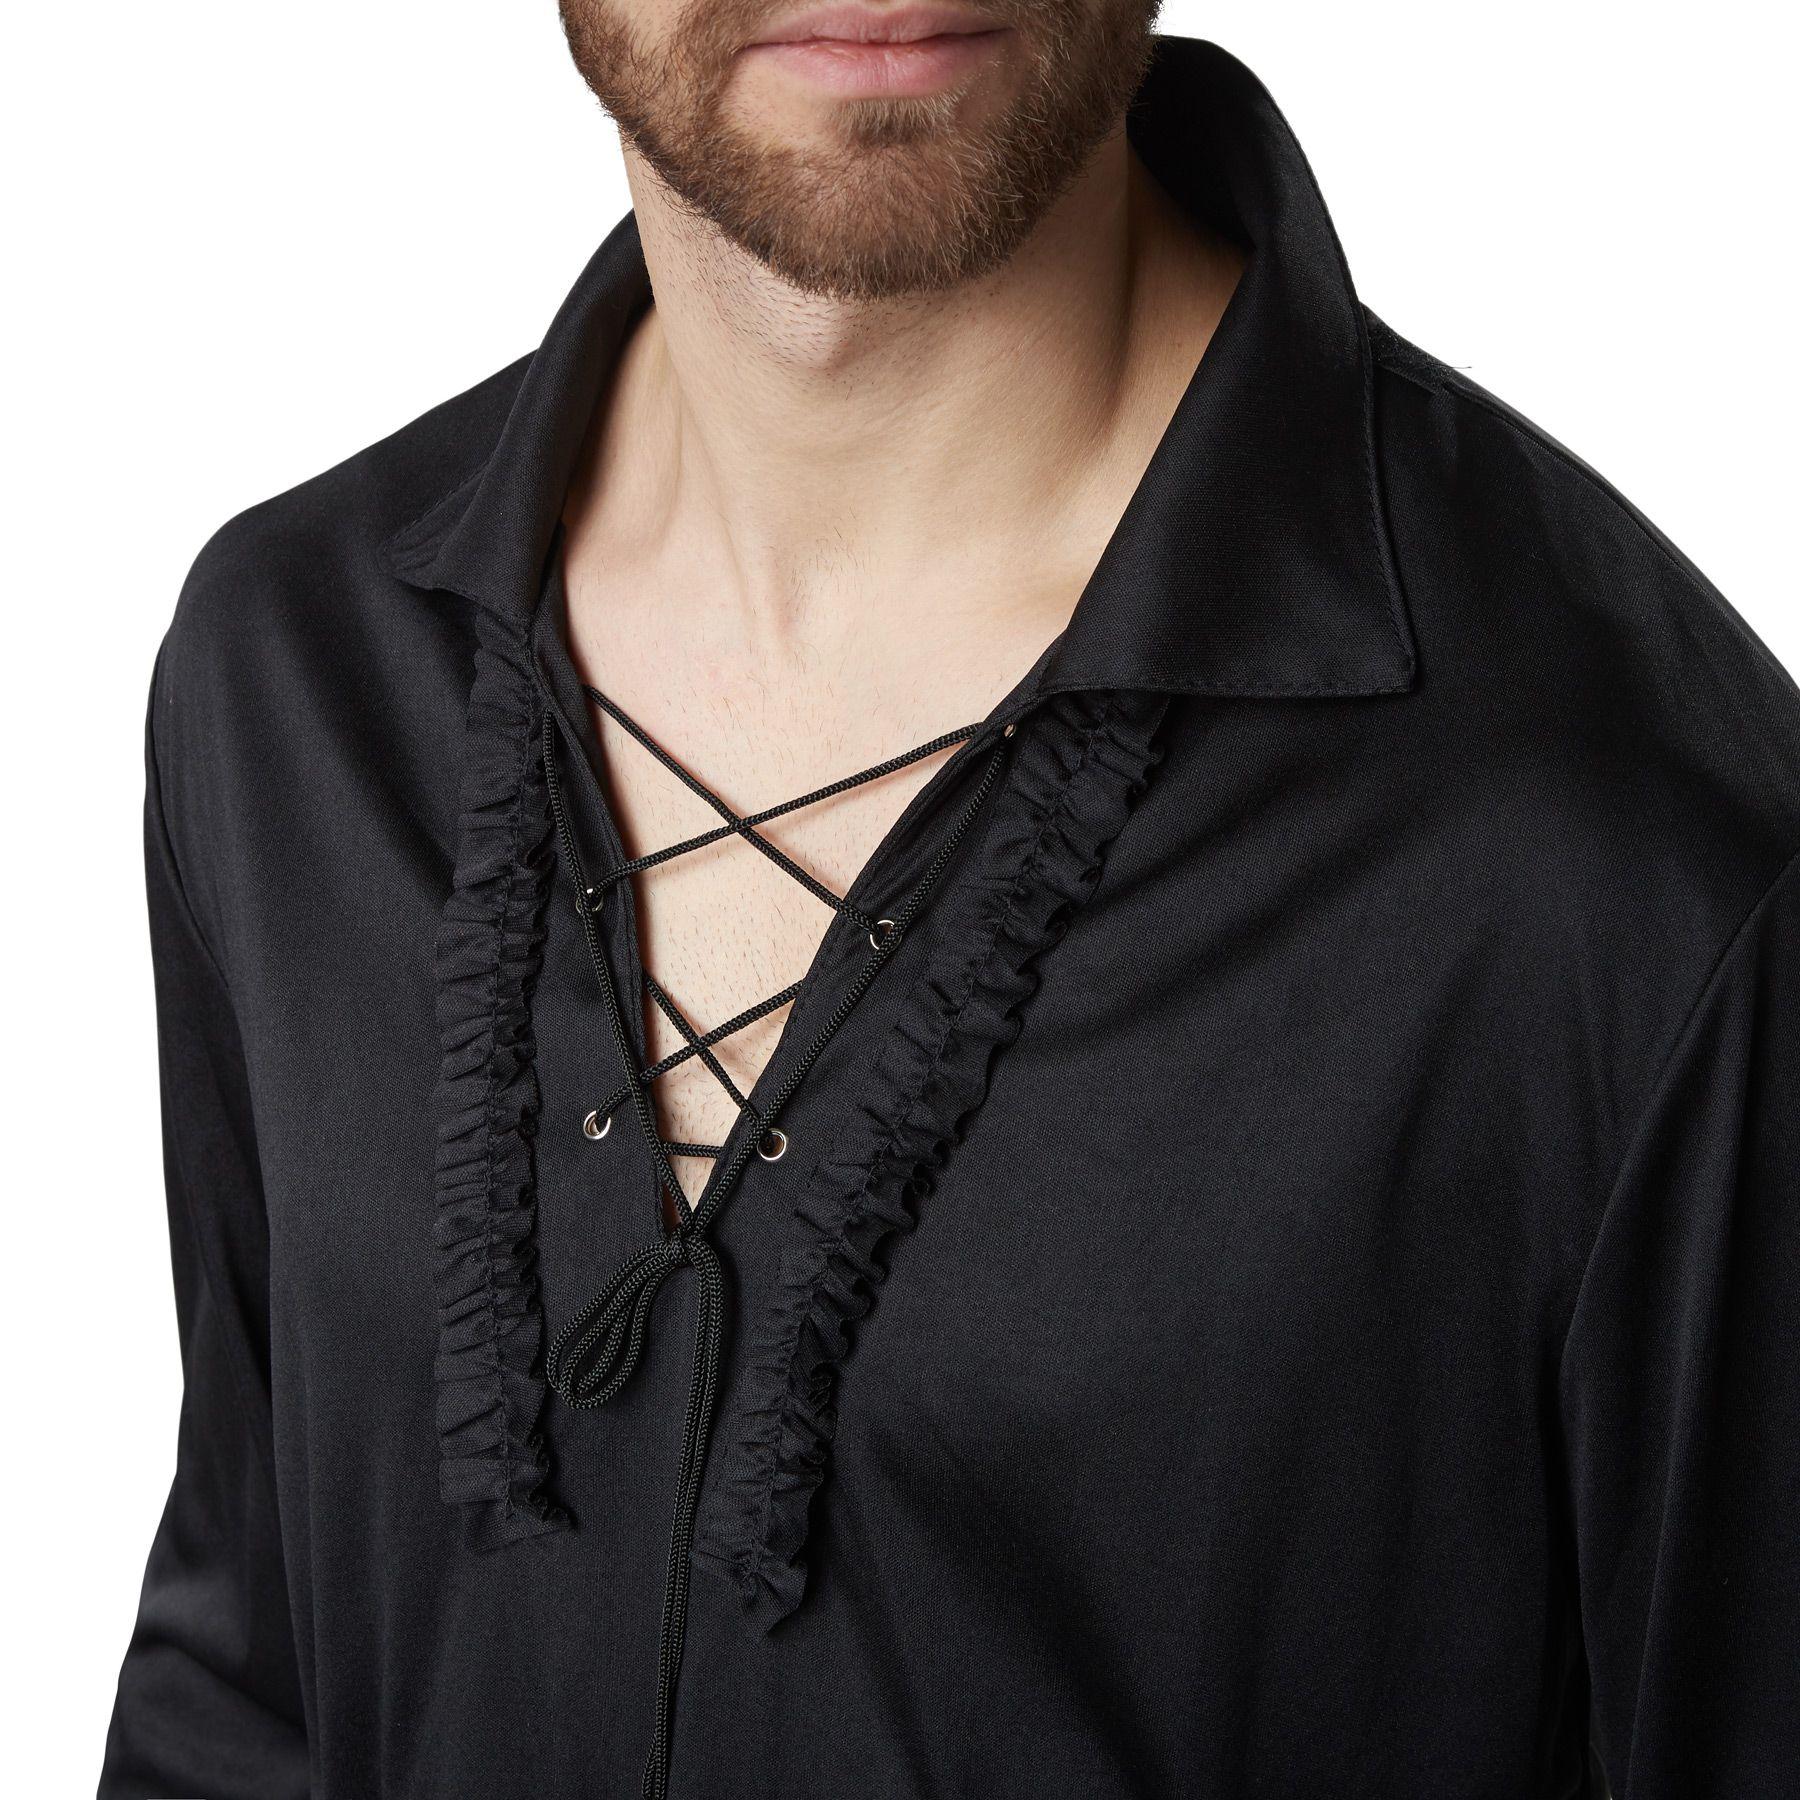 dressforfun 900531 Costumi Uomo Adulti Zorro S | No. 302660 Mantello Maschera e Cappello Inclusi